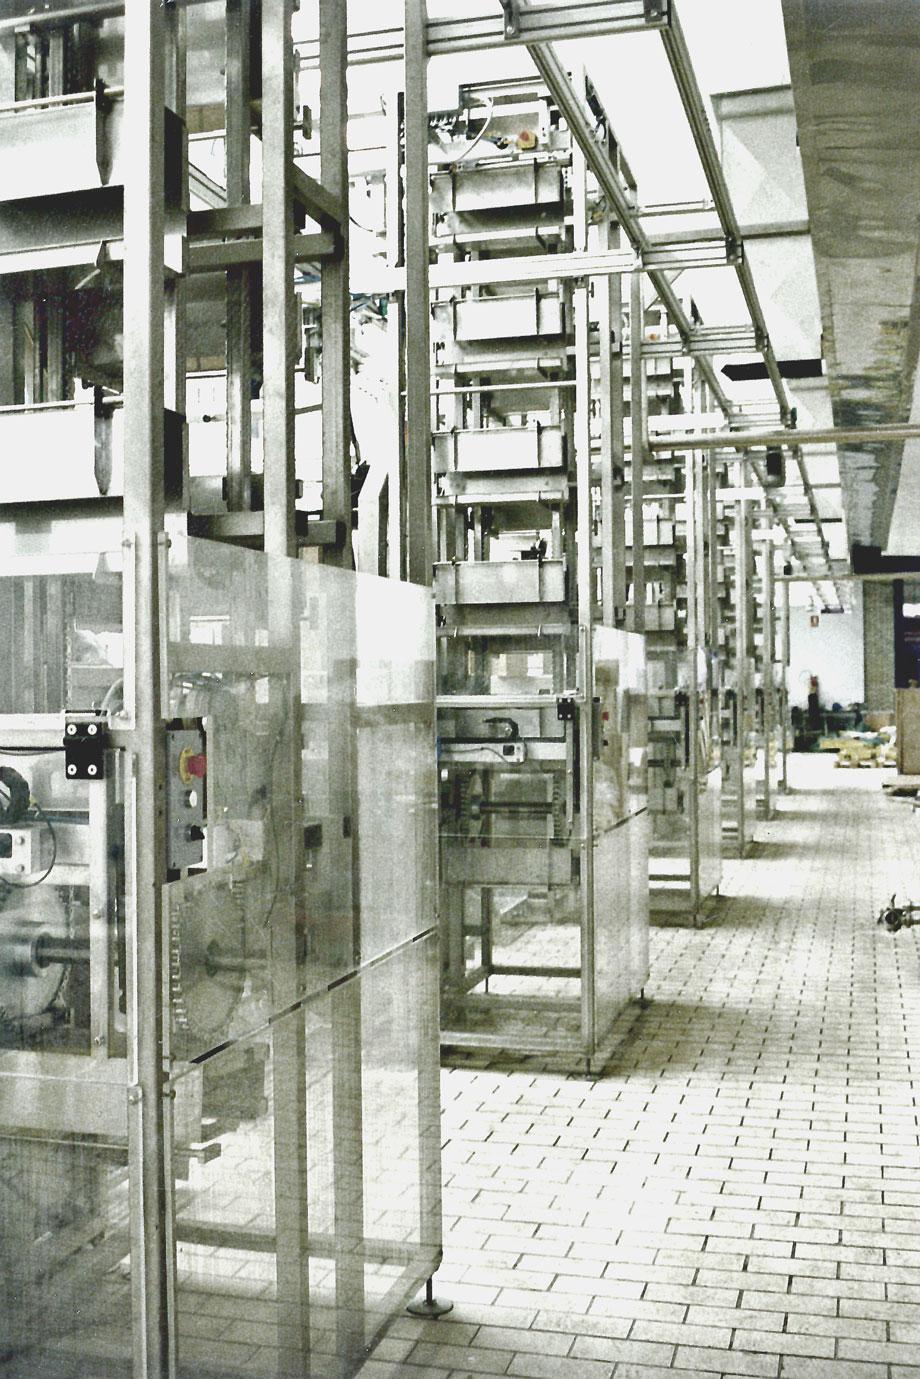 Anlage zur Verteilung an Füllmaschinen